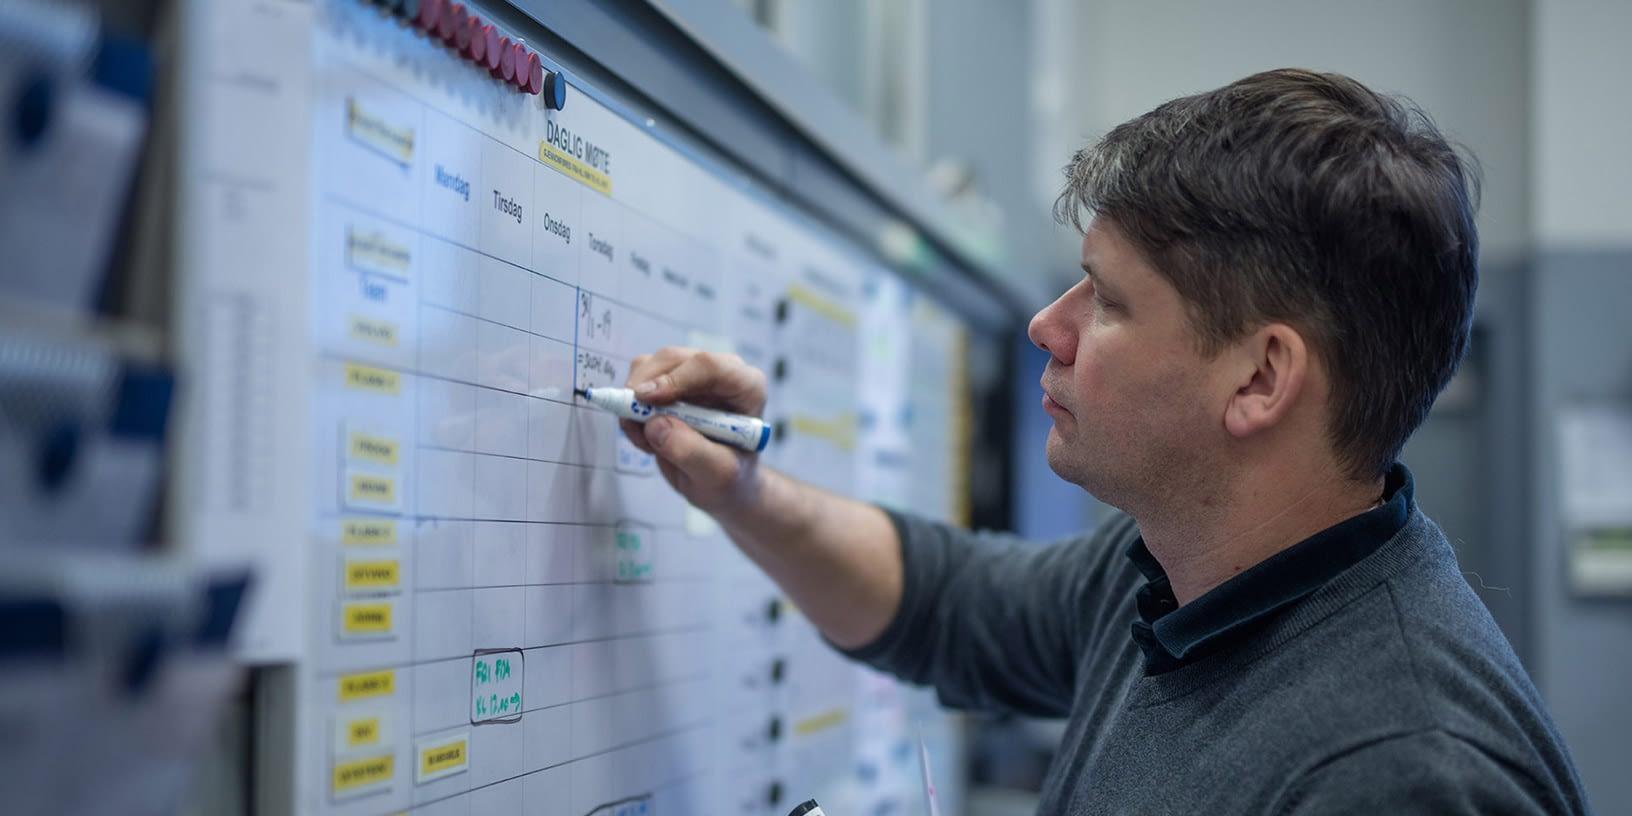 Ansatt på verksted hos Bilservice bilSpiten som noterer på en tavle montert på verkstedet med oversikt over dagen gjøremål